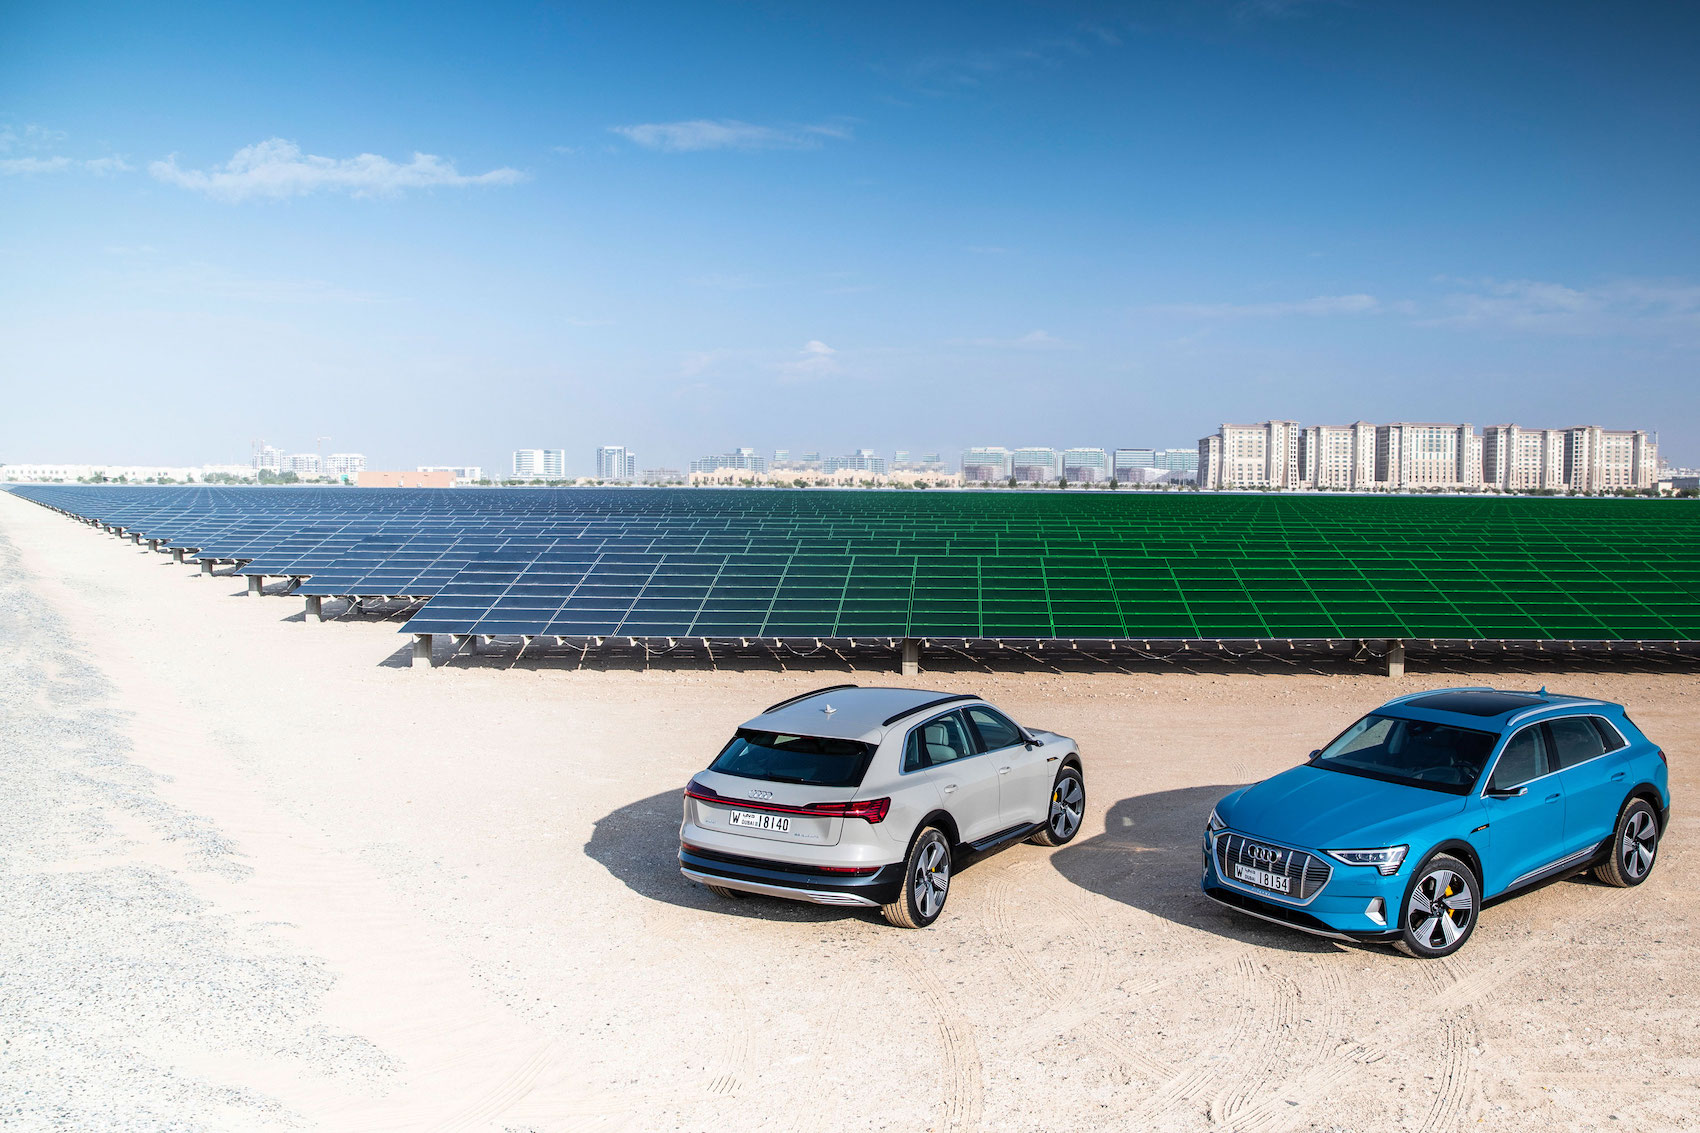 «Lorsque nous transformons du charbon en électricité, c'est pire que de rouler avec une voiture à essence»: la plus grande centrale solaire photovoltaïque du Proche-Orient est installée à Masdar City, dans l'émirat d'Abu Dhabi. (AUDI/traitement Brand Studio)